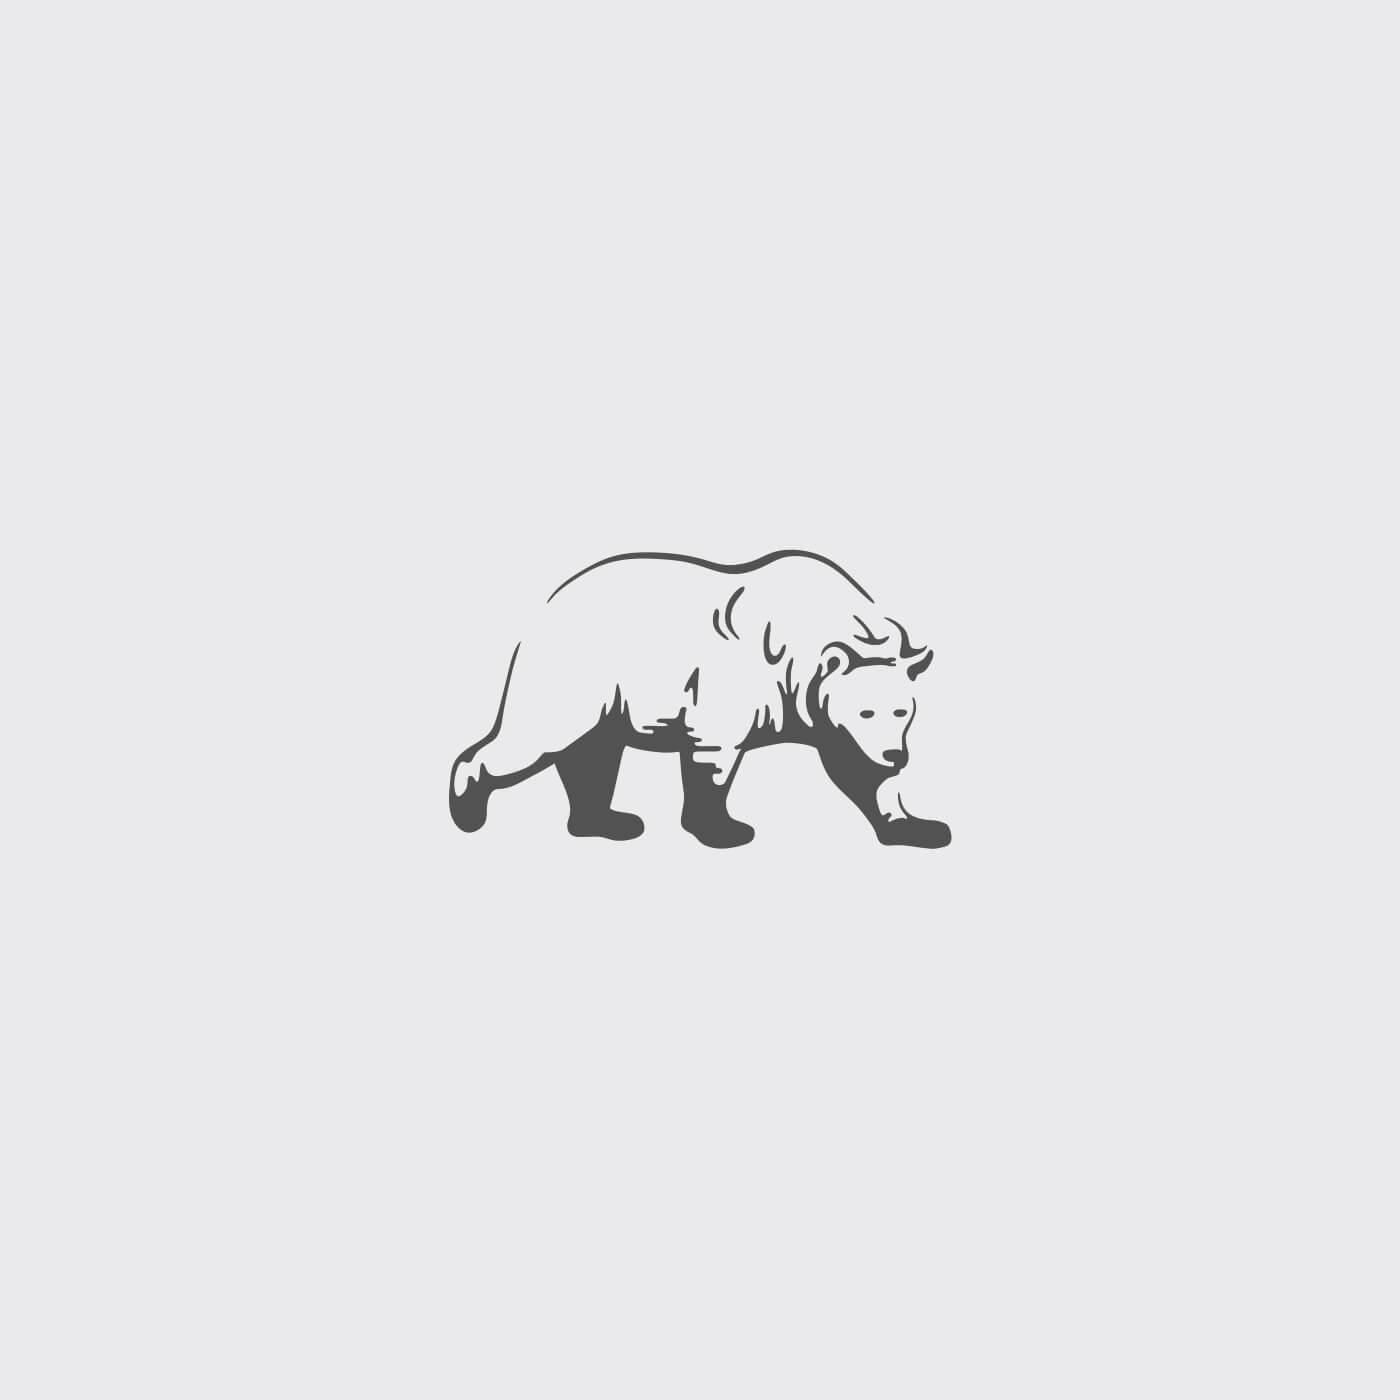 vagabondo-wine-bear-icon.jpg